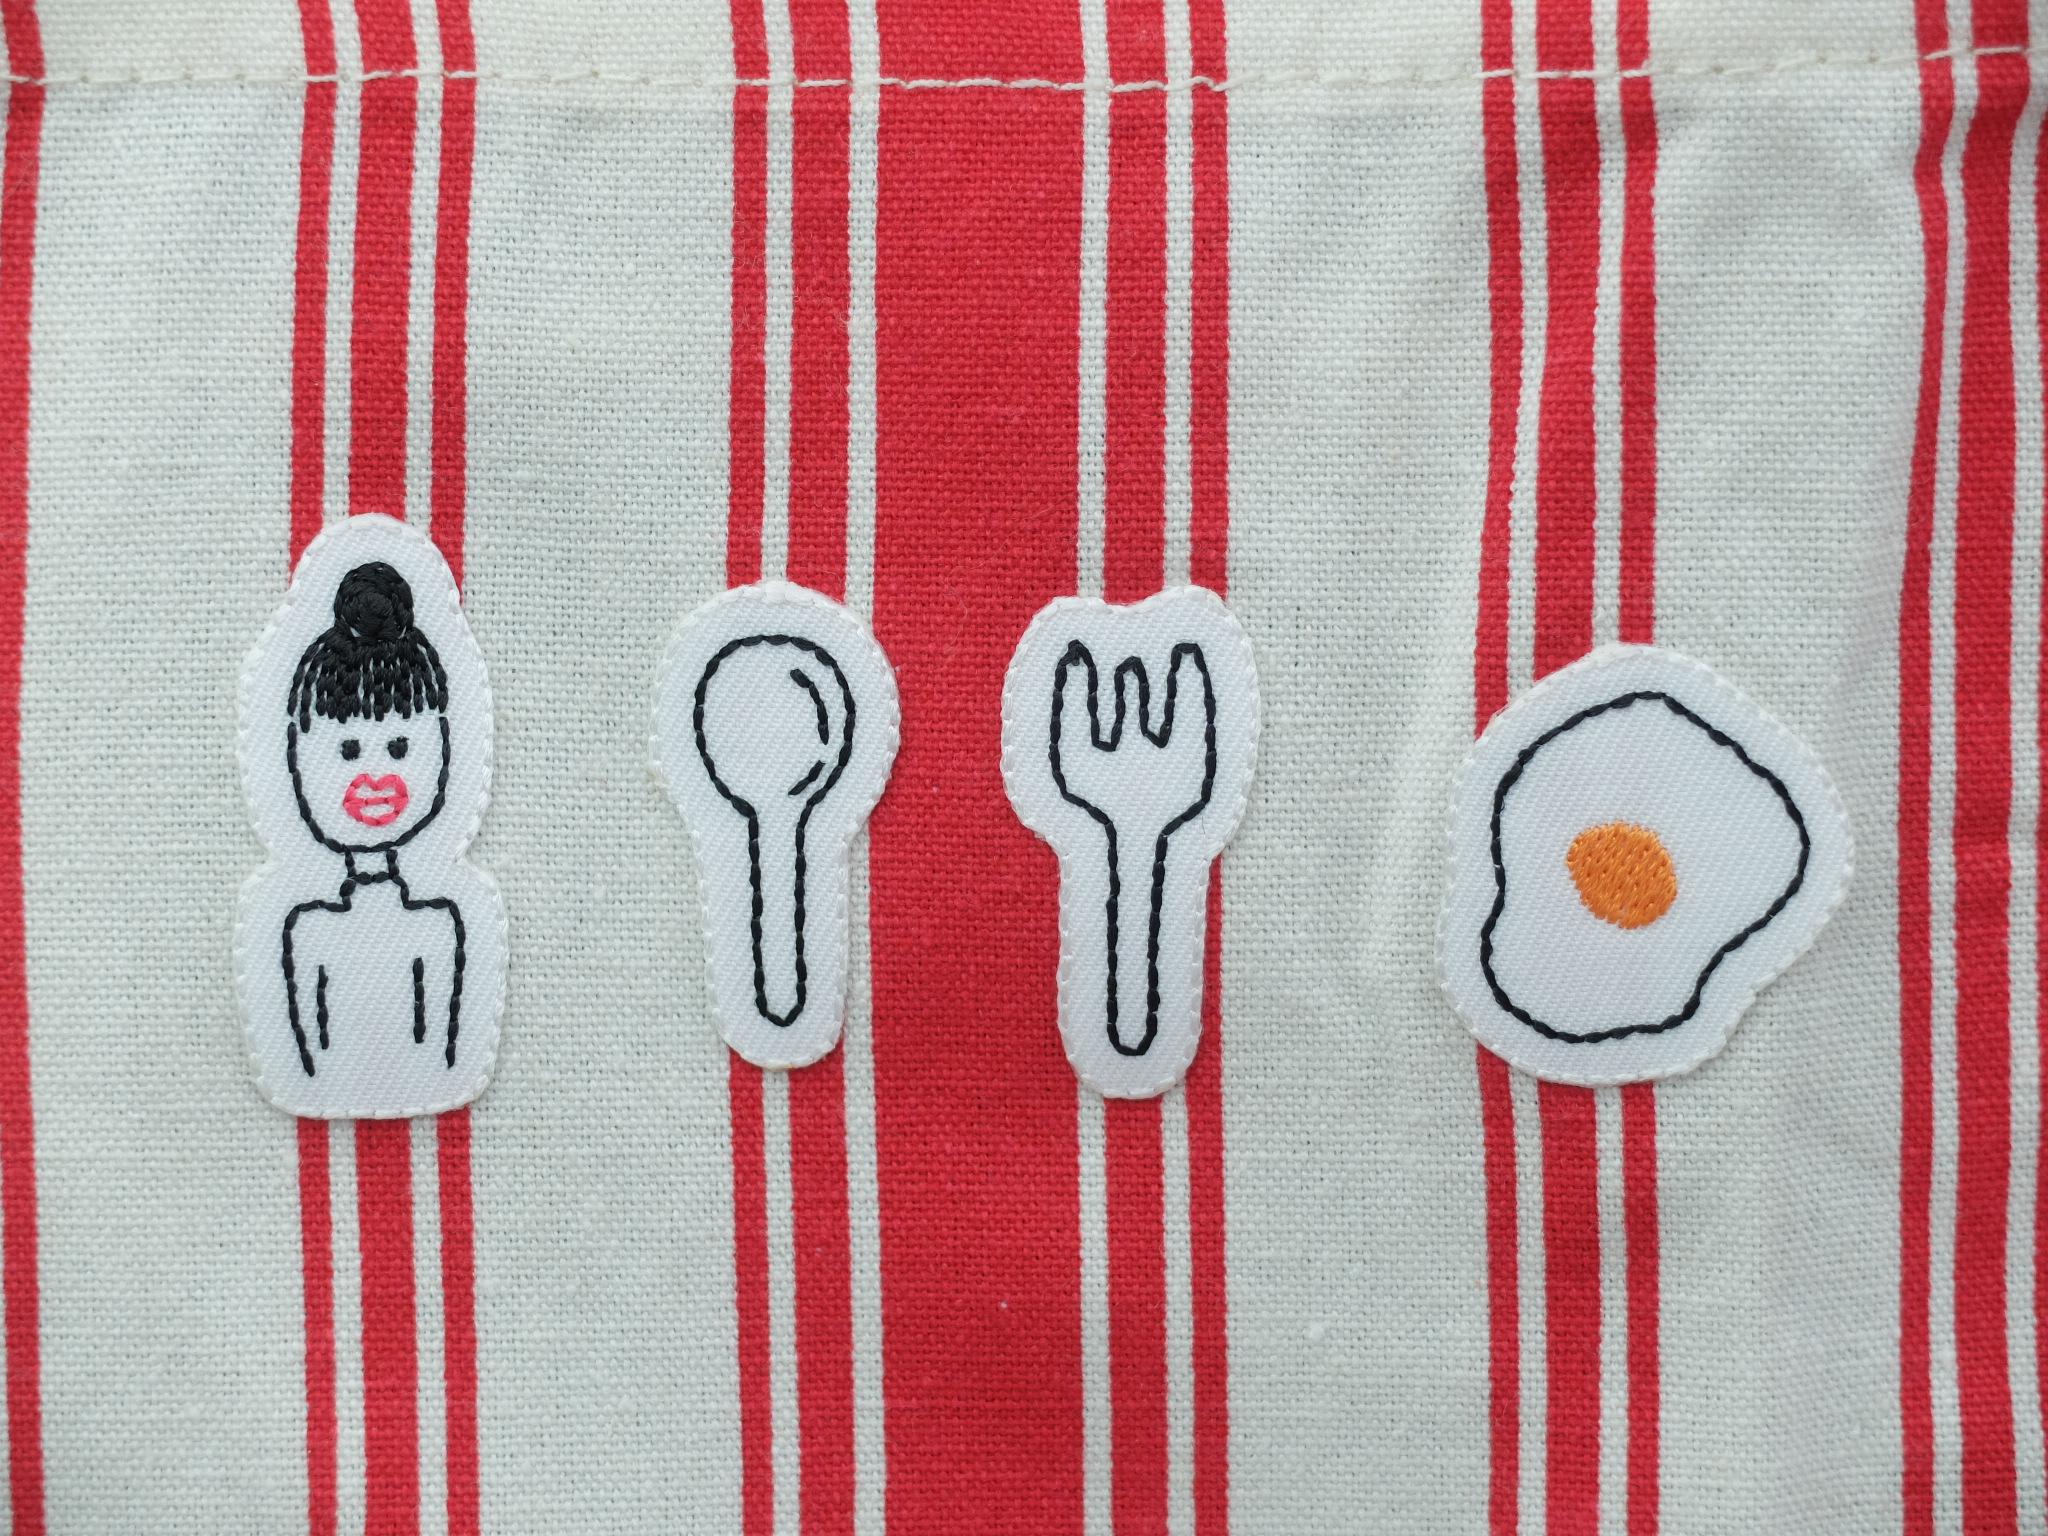 エプロン ナチュラルキッチン 刺繍ワッペン 手描きイラスト